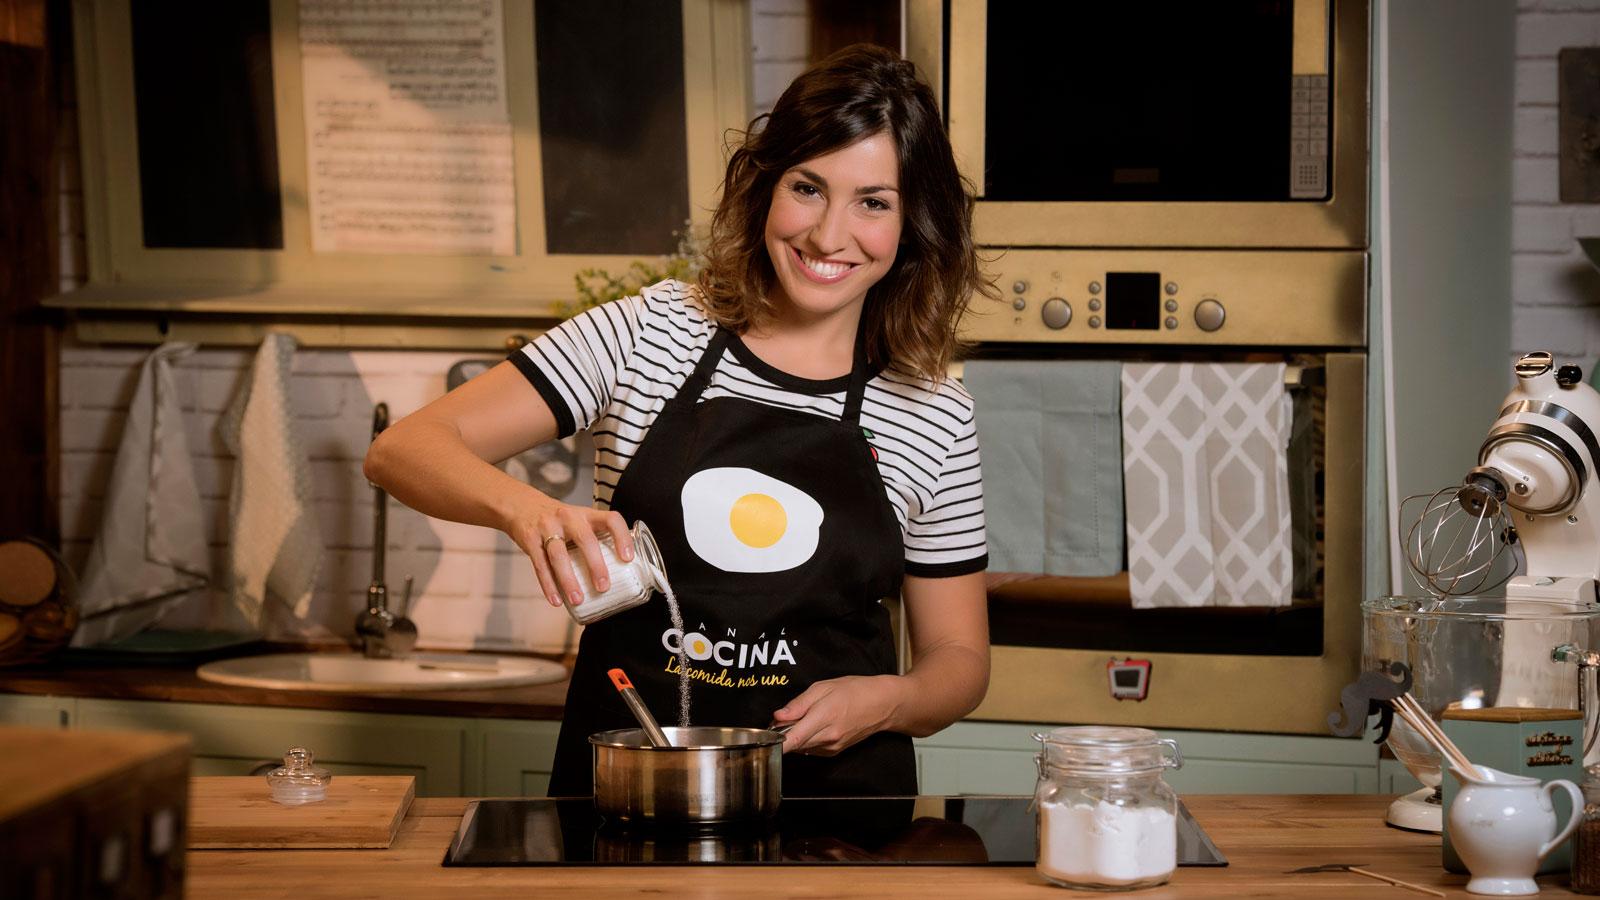 Alma obreg n vuelve a canal cocina con el estreno - Canal de cocina ...